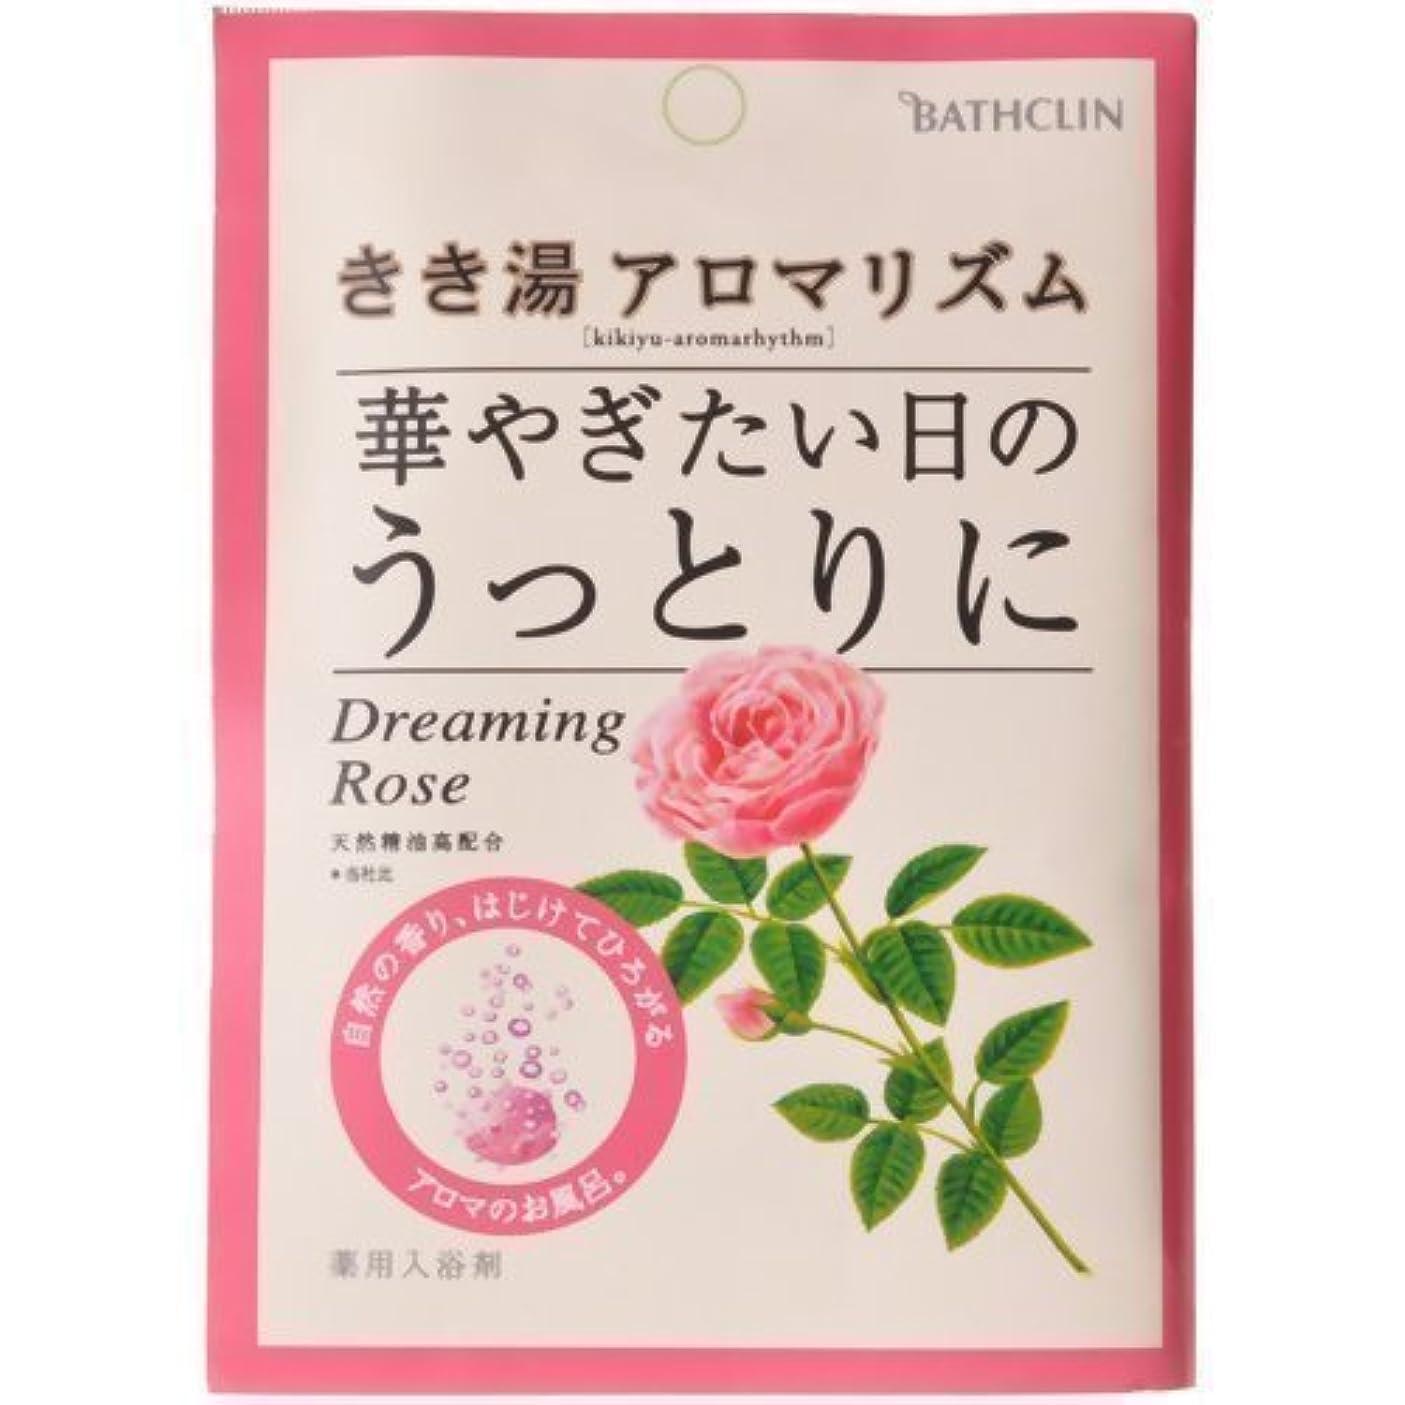 破壊口述テキスト【まとめ買い】きき湯 アロマリズム ドリーミングローズの香り 30g ×5個